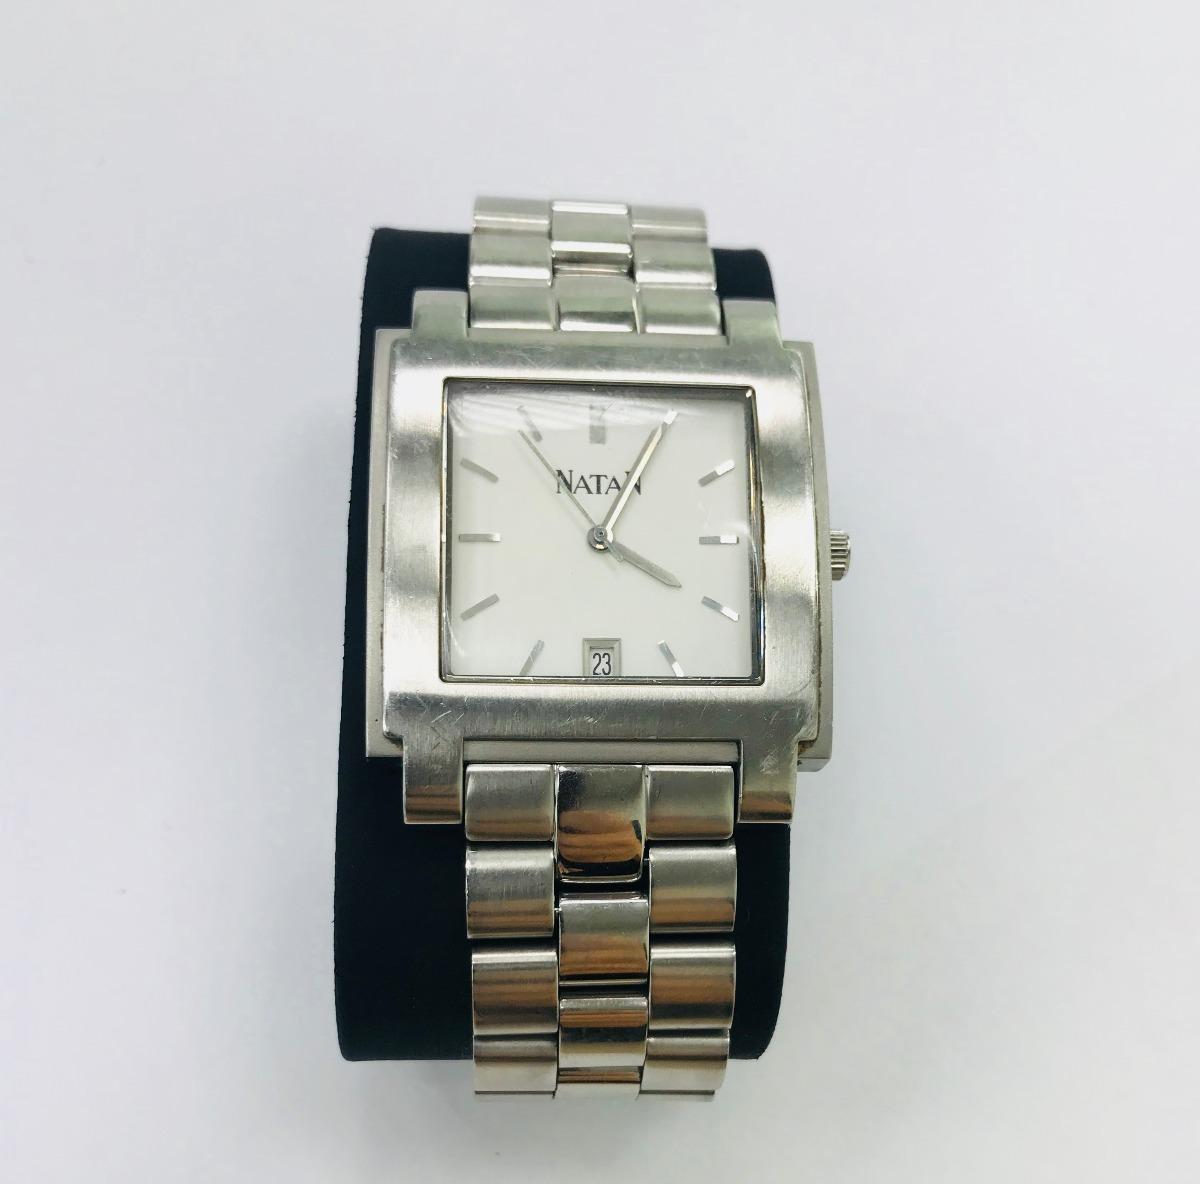 26700be33f5 Relógio Natan - Edição Especial Rede Globo - Relíquia!!! - R  1.999 ...